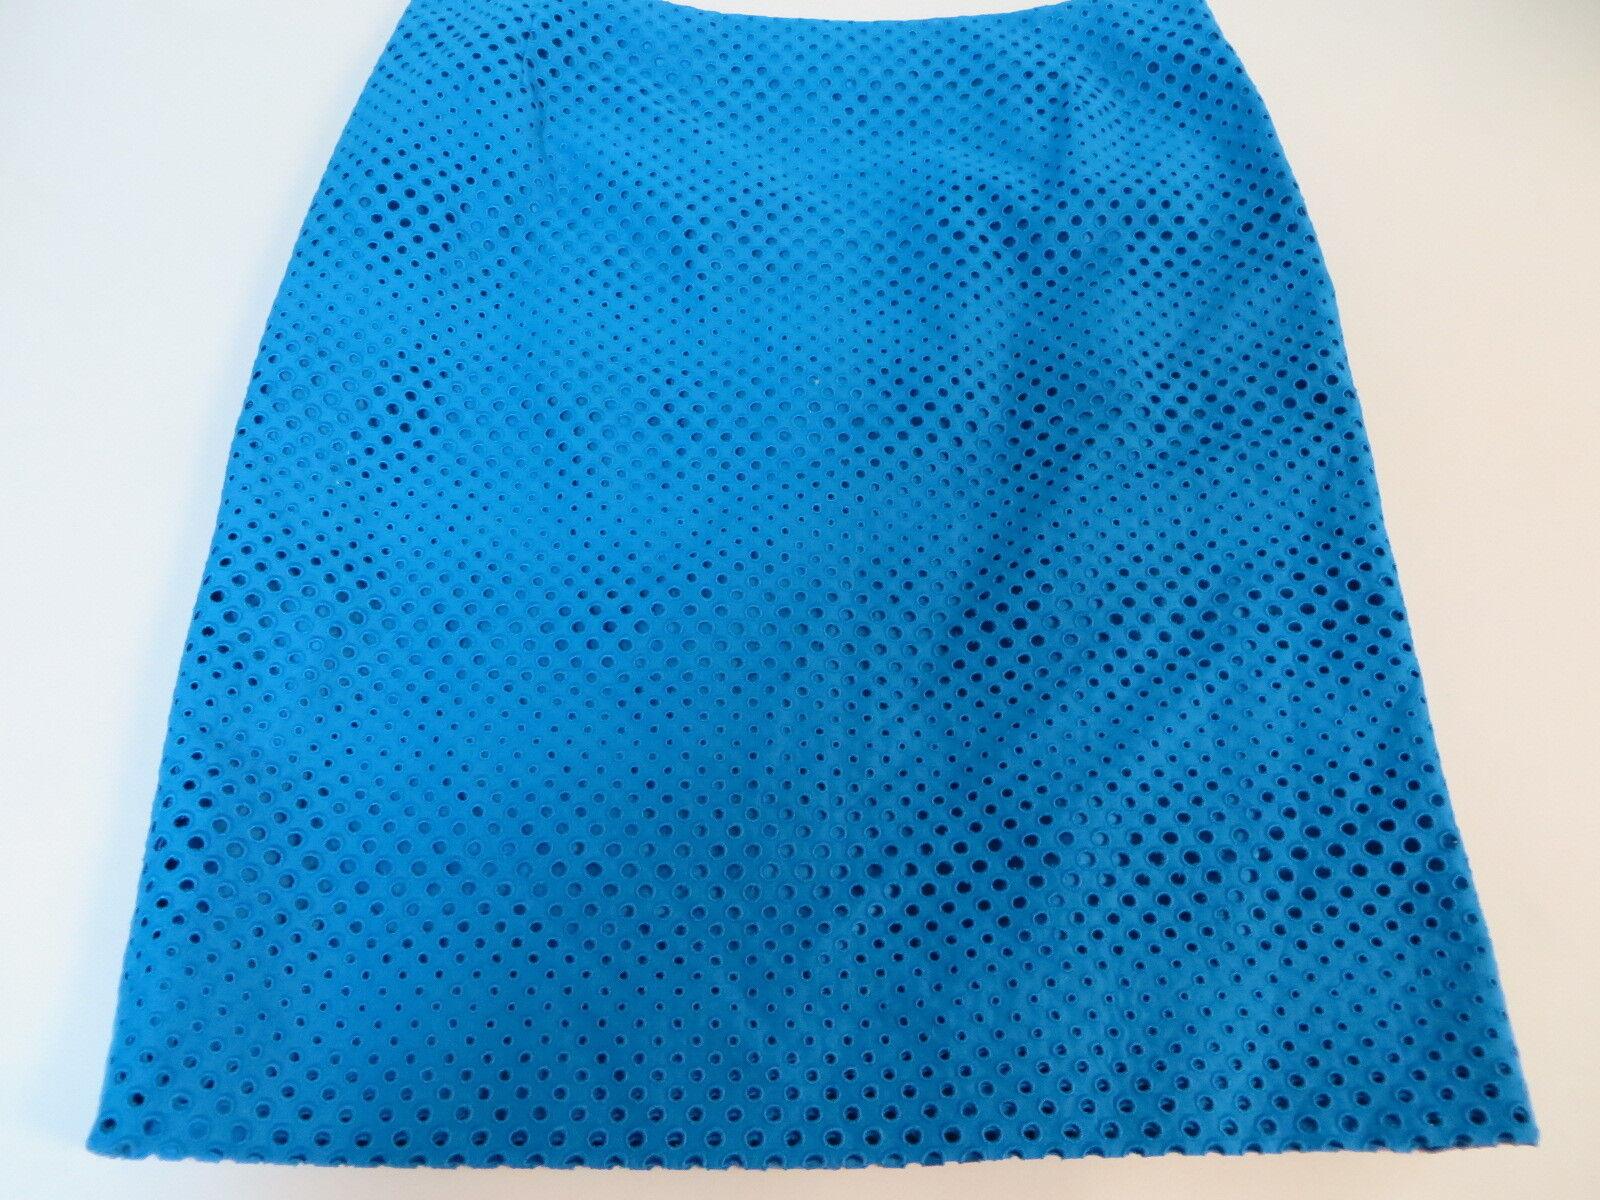 595 NWT AKRIS  bluee Embroidered Eyelet Cotton Pencil Skirt   10  42